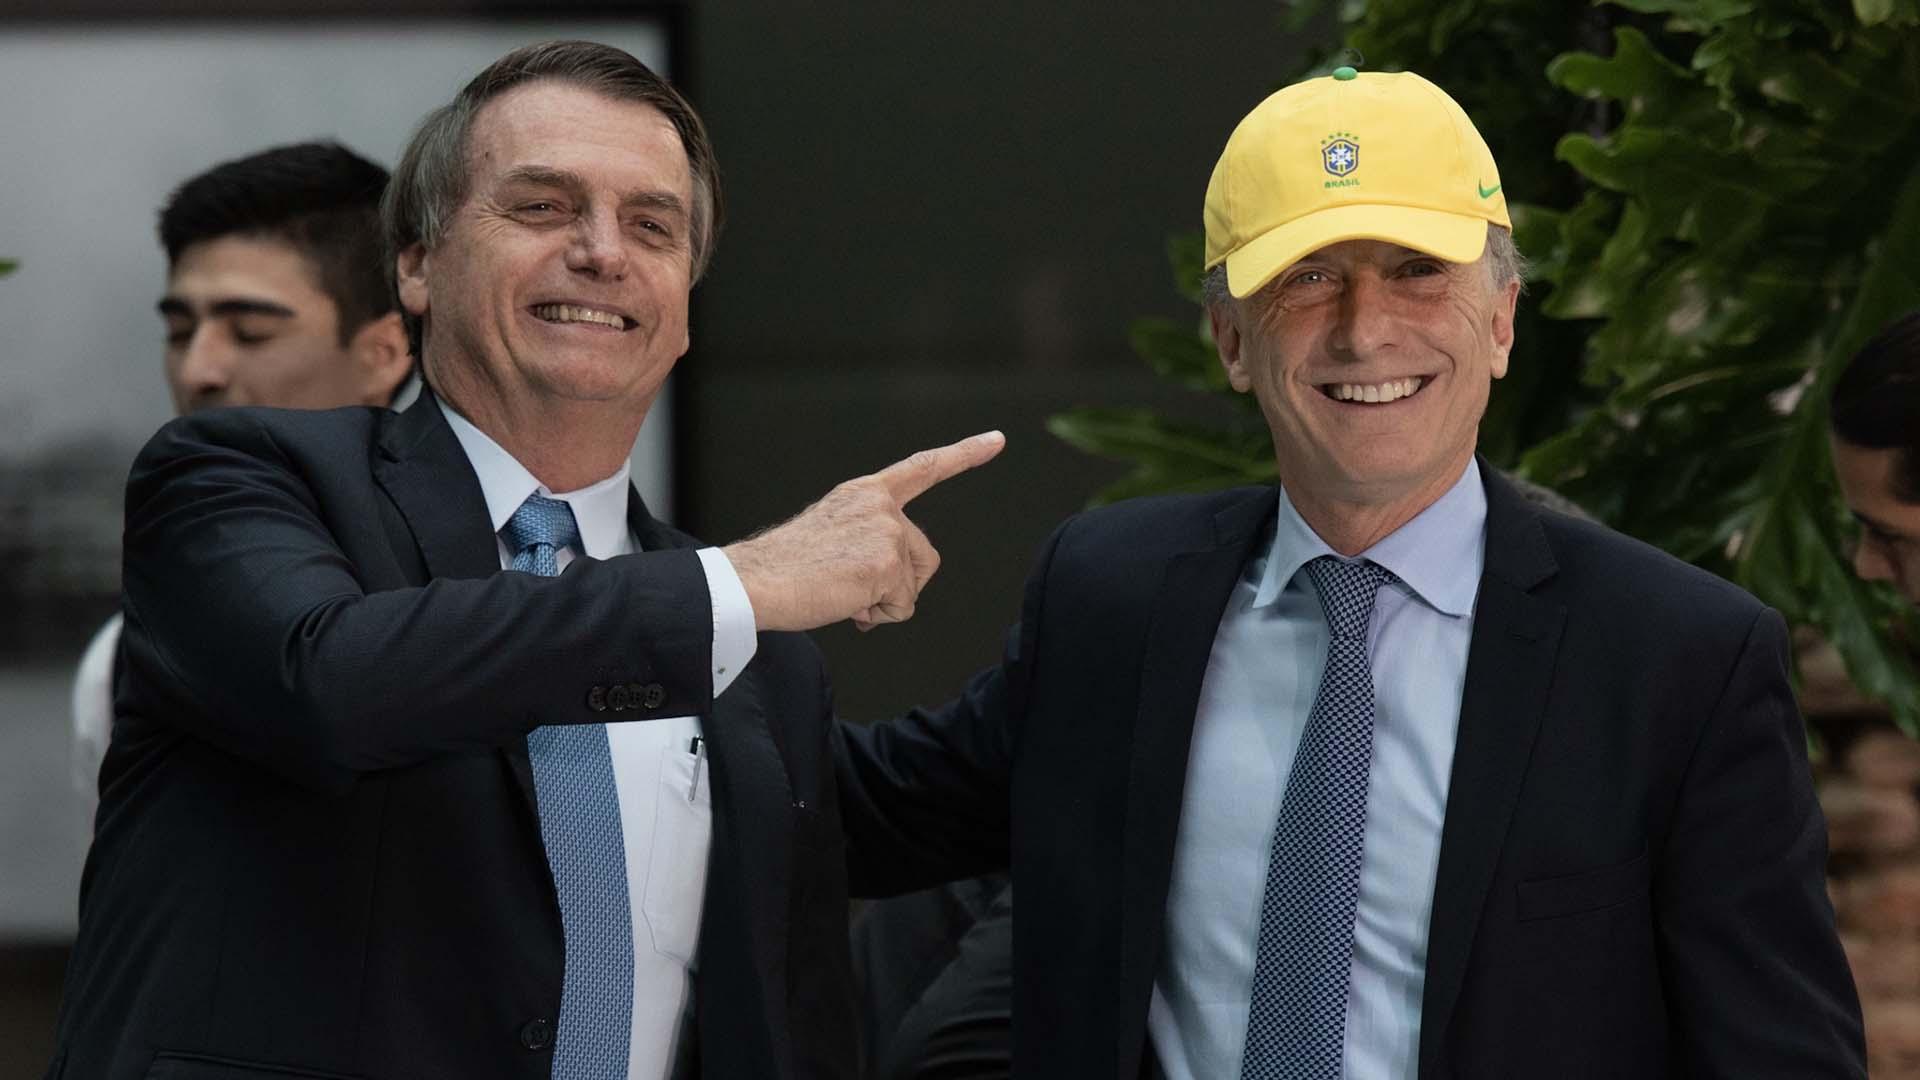 El presidente lució un gorro con los colores de Brasil en un almuerzo distendido